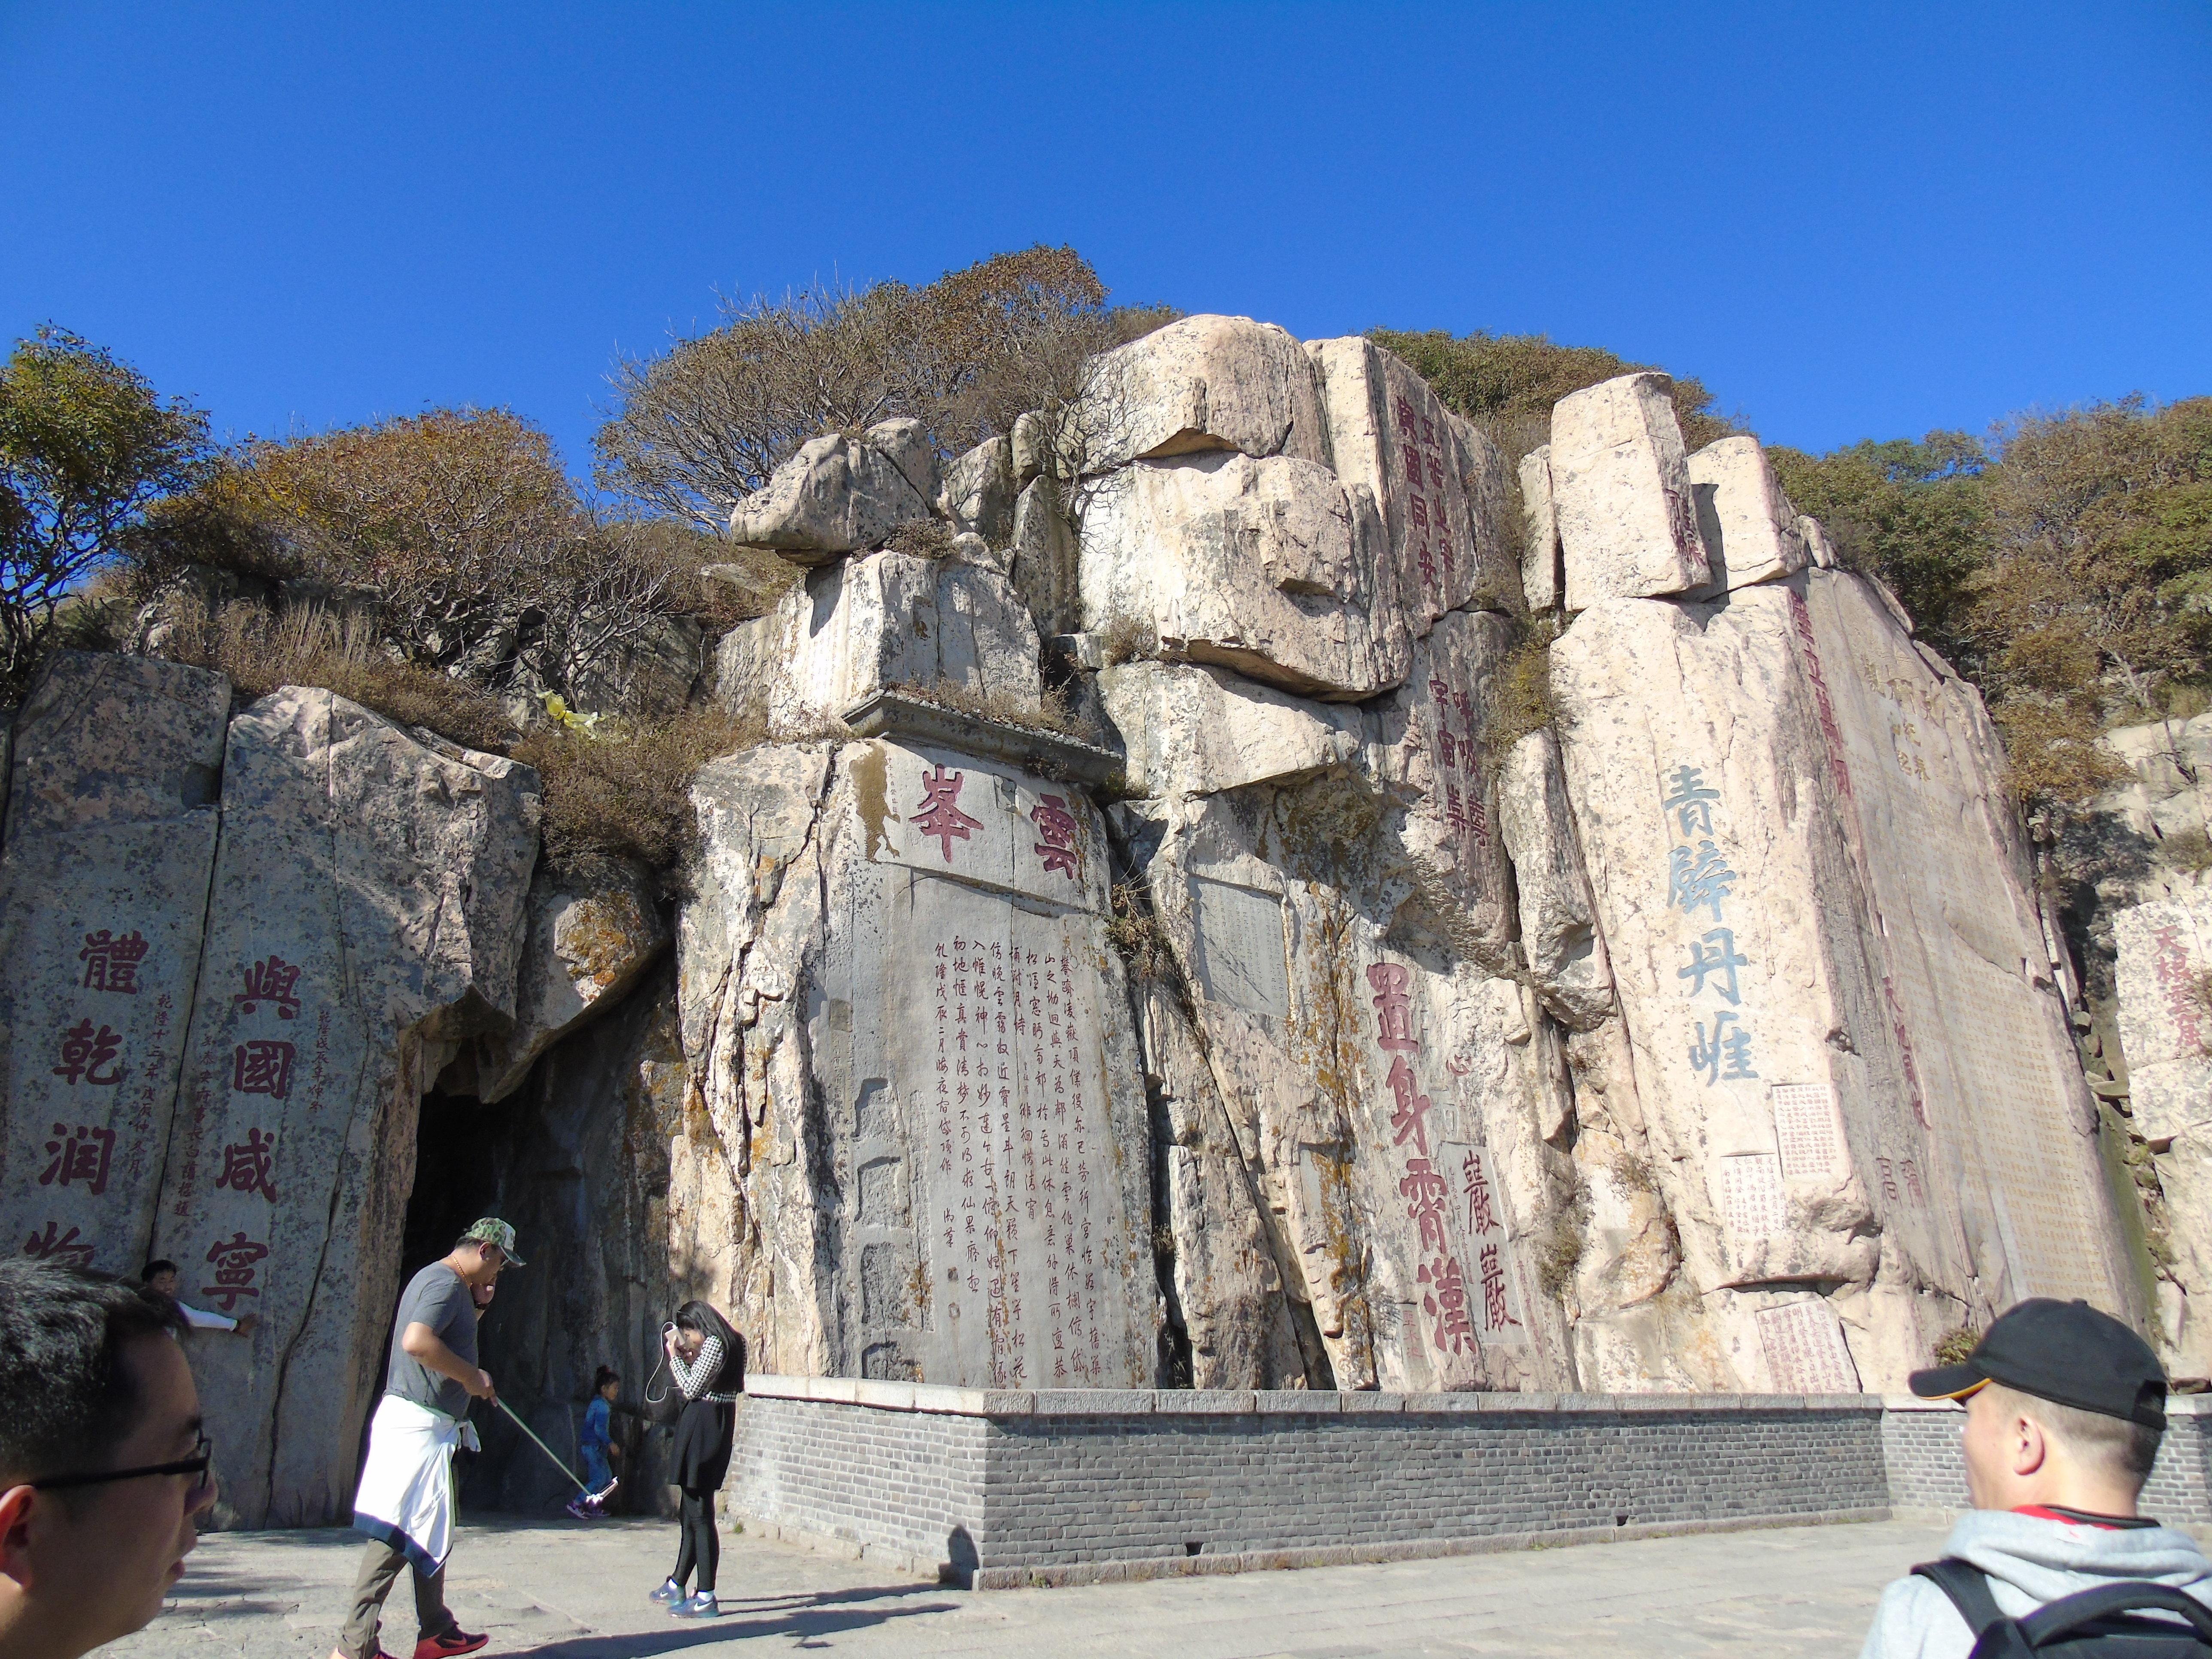 泰山对于中国人来说再熟悉不过,自古以来,中国人就崇拜泰山,有泰山安,四海皆安的说法。在汉族传统文化中,泰山一直有五岳独尊的美誉。古代历朝历代不断在泰山封禅和祭祀,并在泰山上下建庙塑神,刻石题字。古代的文人雅士对泰山仰慕备至。泰山宏大的山体上留下了20余处古建筑群,2200余处碑碣石刻。许多文人墨客留下许许多多文章,有关泰山的诗句和词语举不胜举。 而我登泰山源于四十年前初中时读过的我国著名散文家杨朔《泰山极顶》的散文,杨朔把泰山比是一大幅徐徐展开的青绿山水画的画卷,登泰山犹如画卷徐徐展开,描写登泰山极